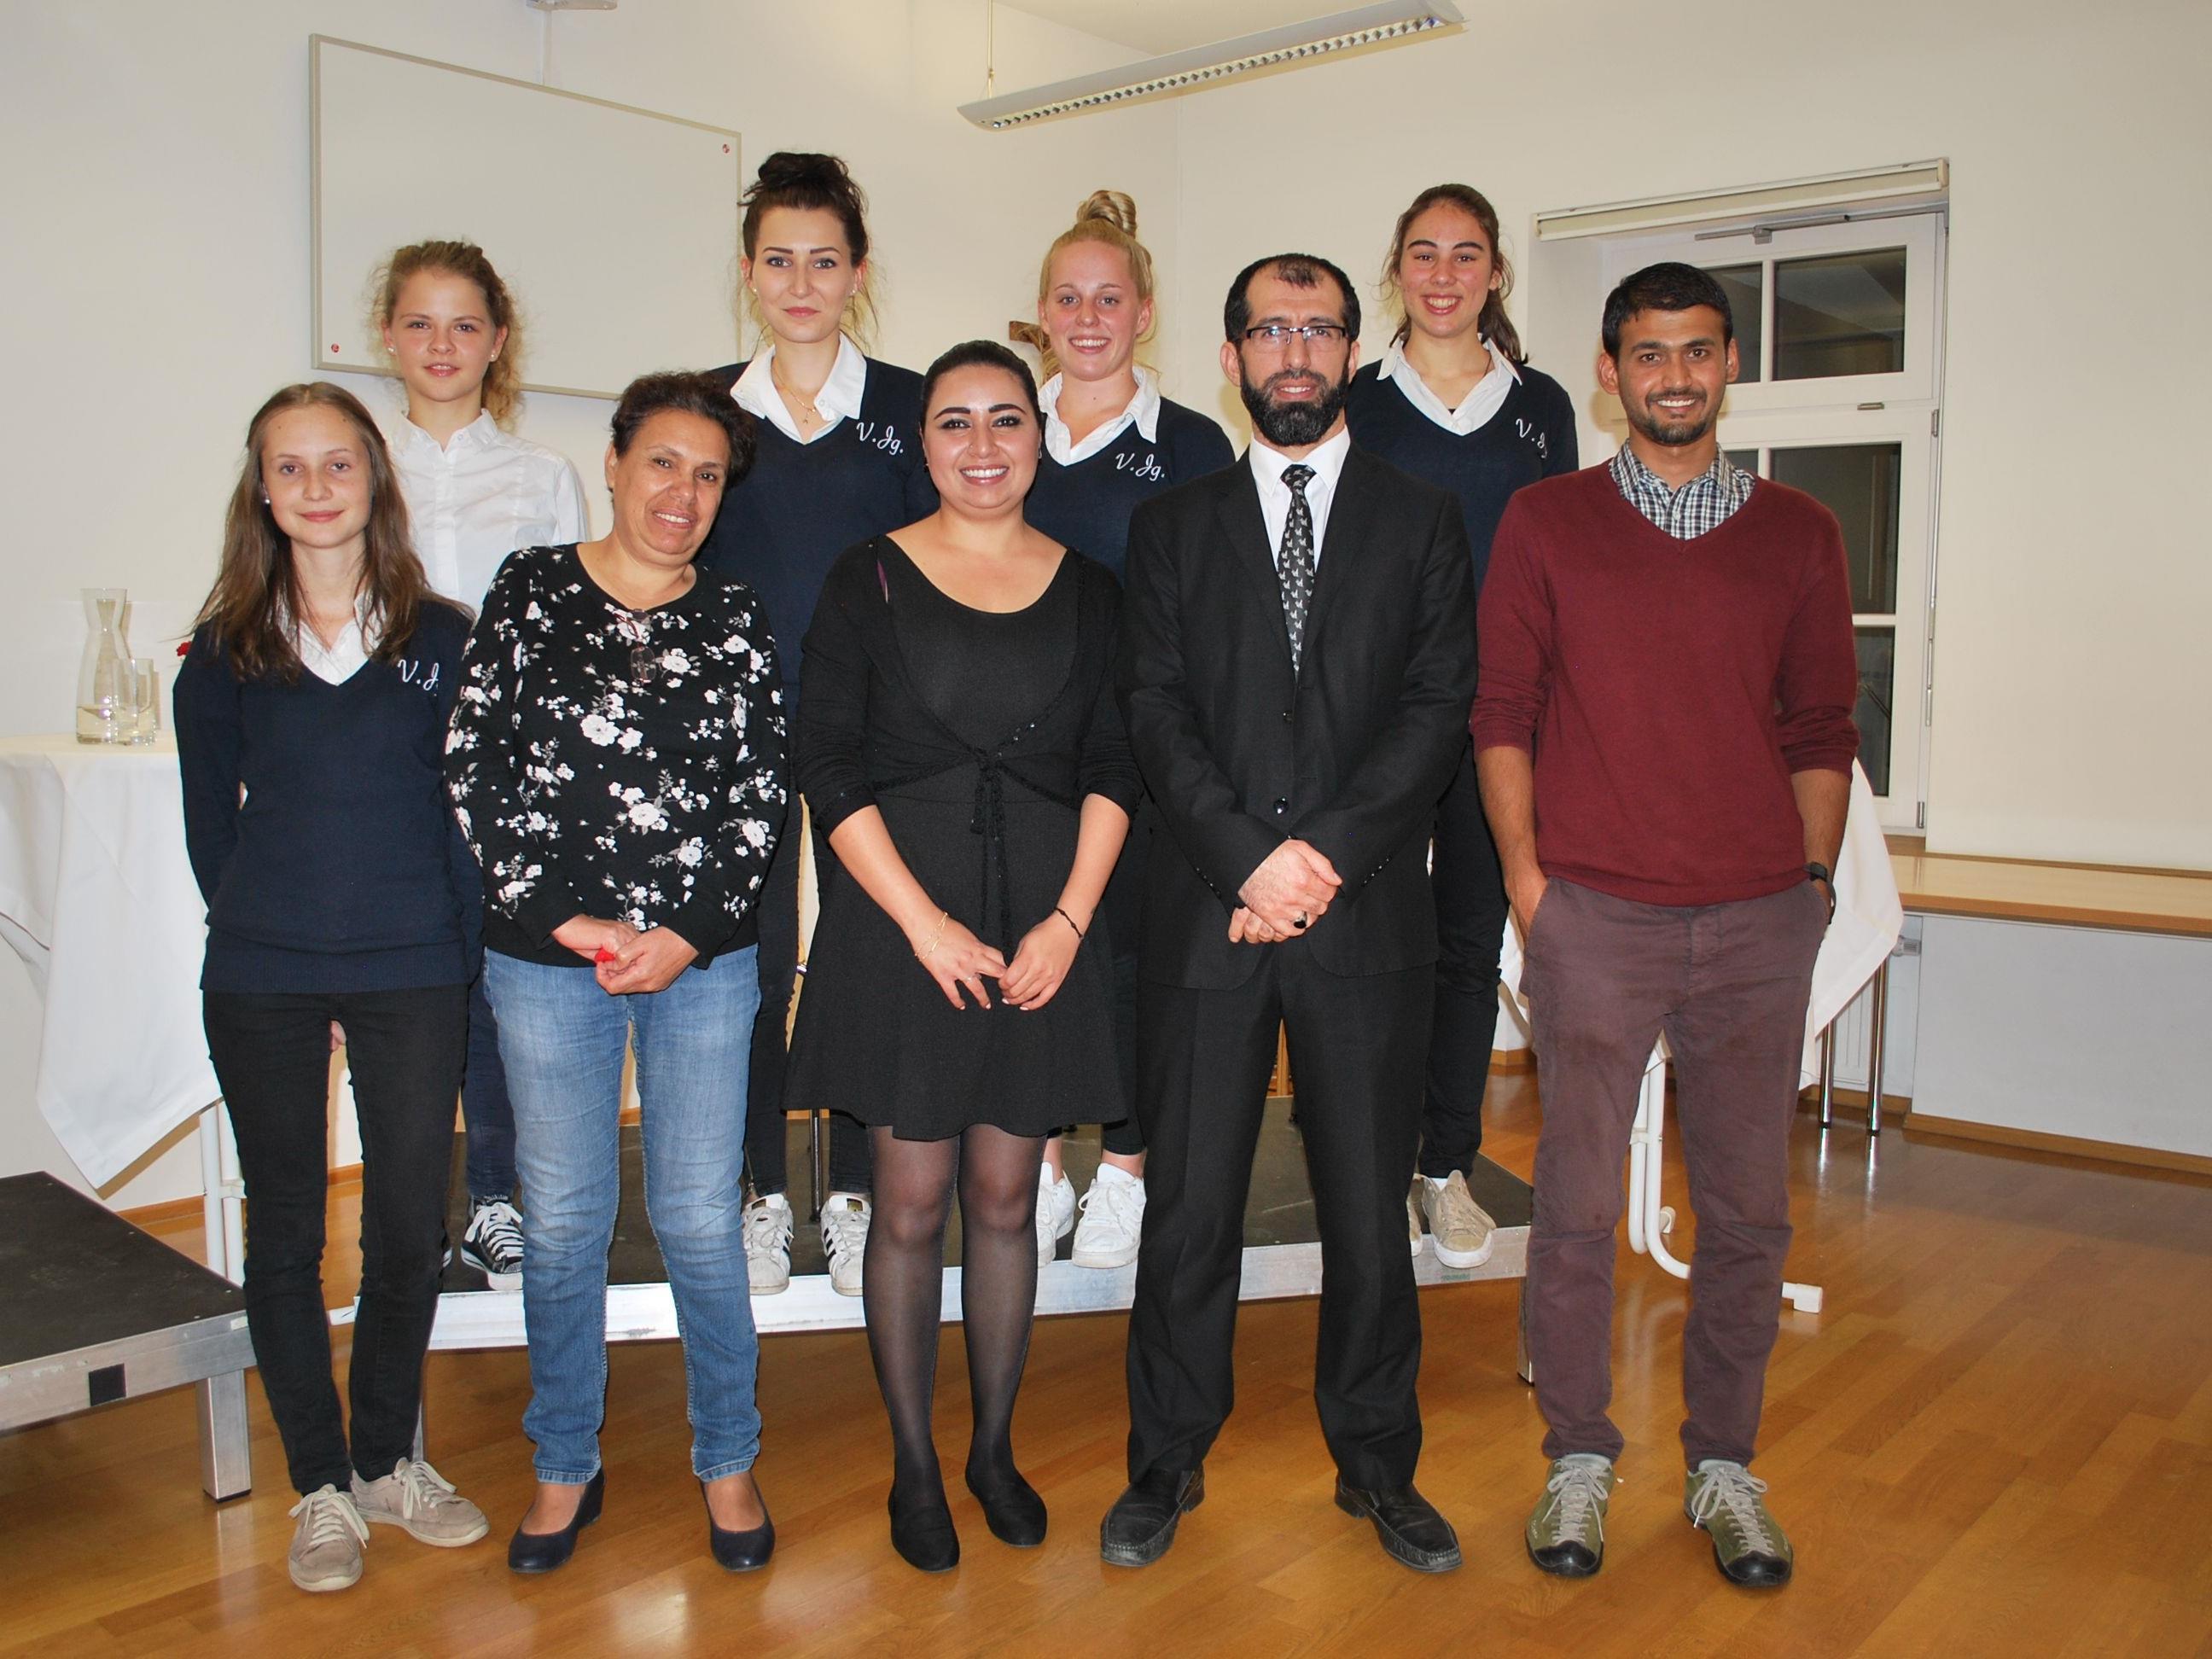 Isabella Simma (2. vl) bei der Podiumsdiskussion und Kulturcafé in ihrer Schule.